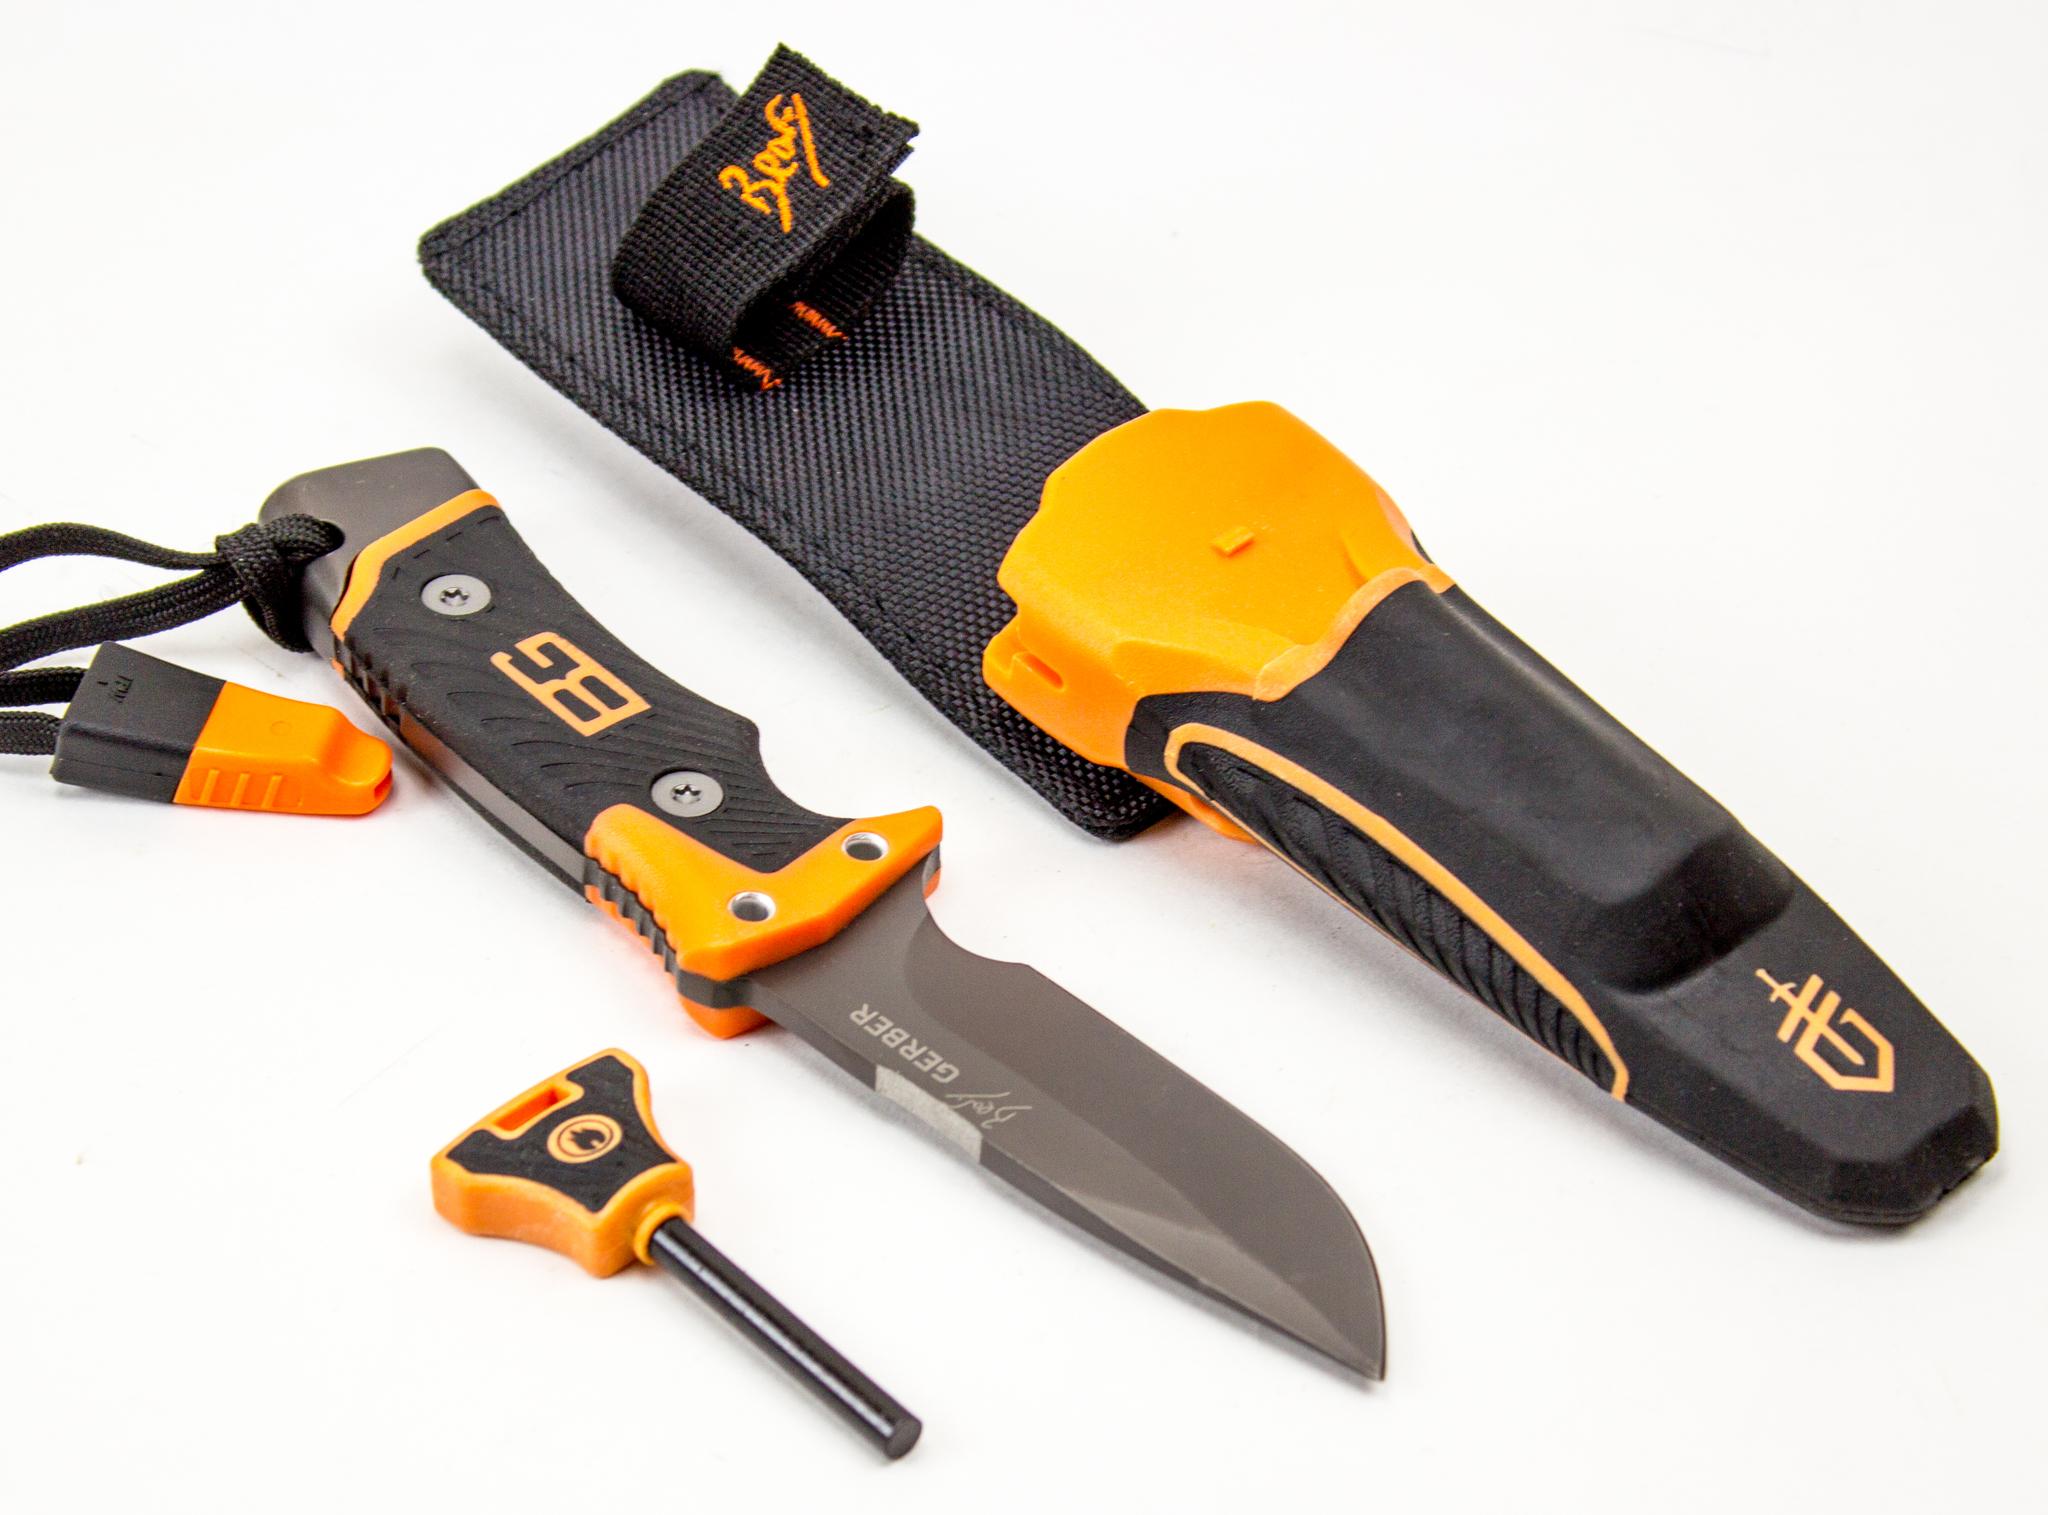 Нож Gerber Bear Grylls с огнивомРыбацкие ножи<br><br>